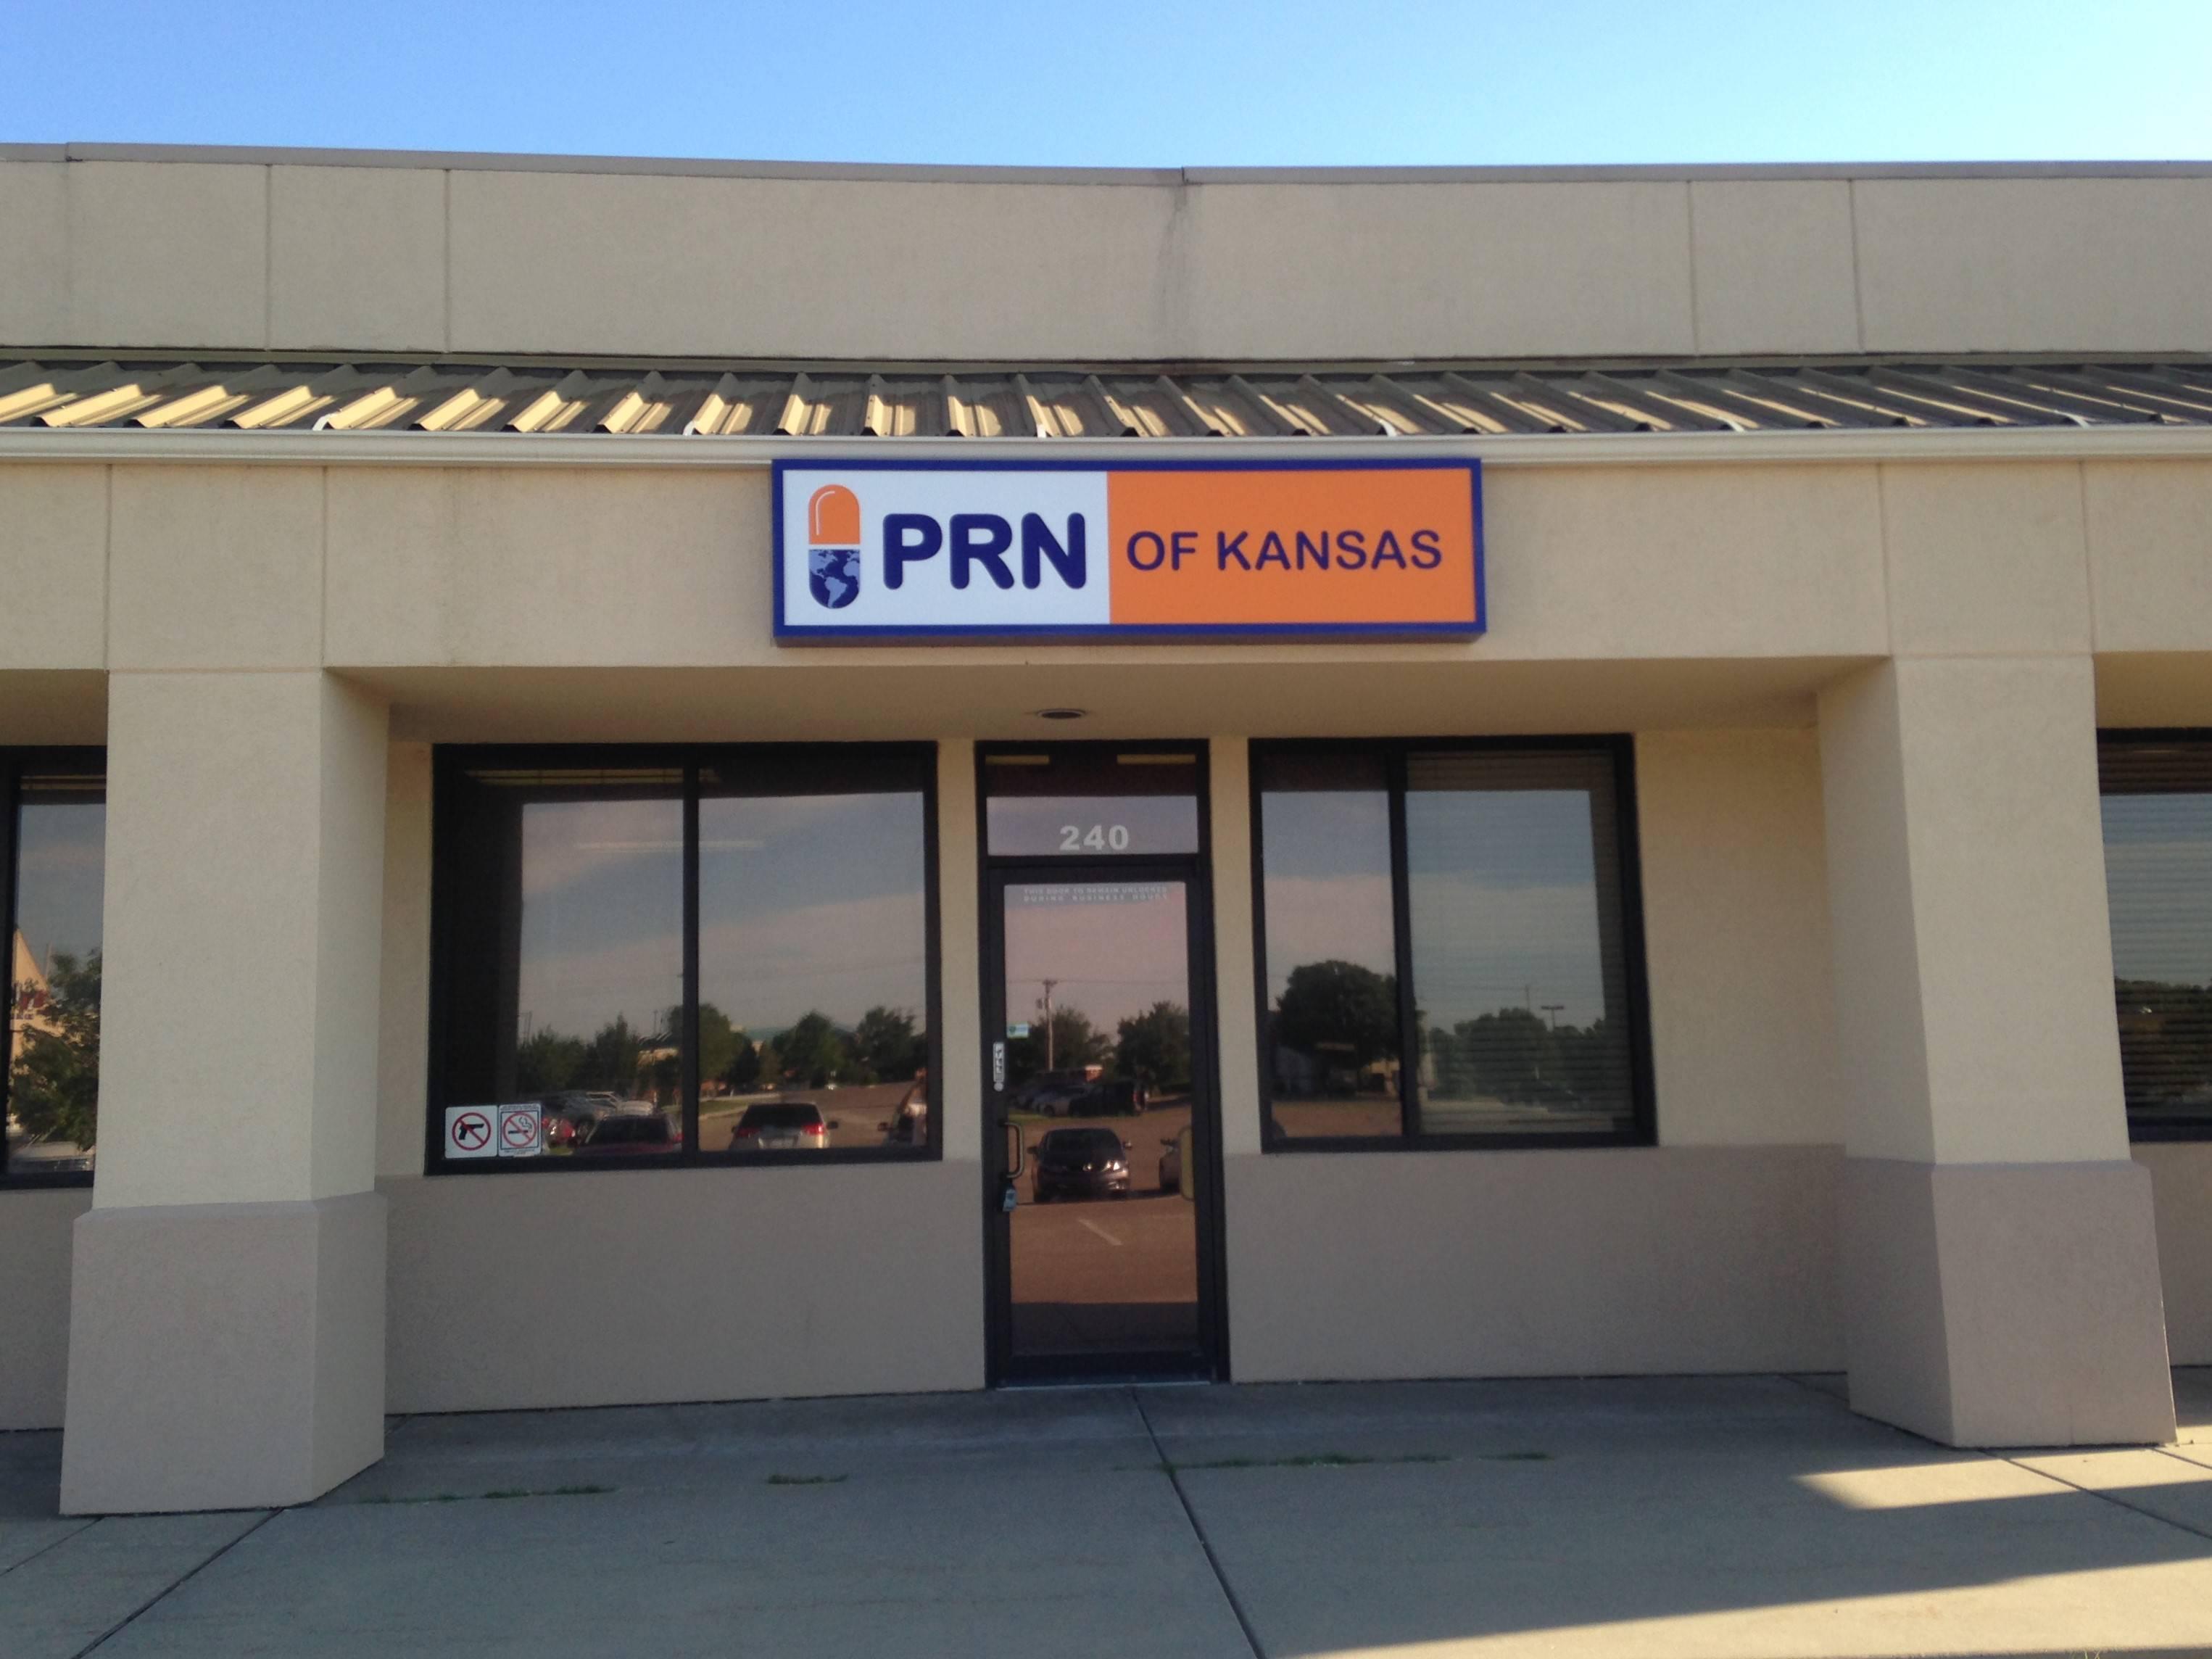 PRN of Kansas, 2260 N. Ridge Road, Suite 240, Wichita, Kansas, 67205